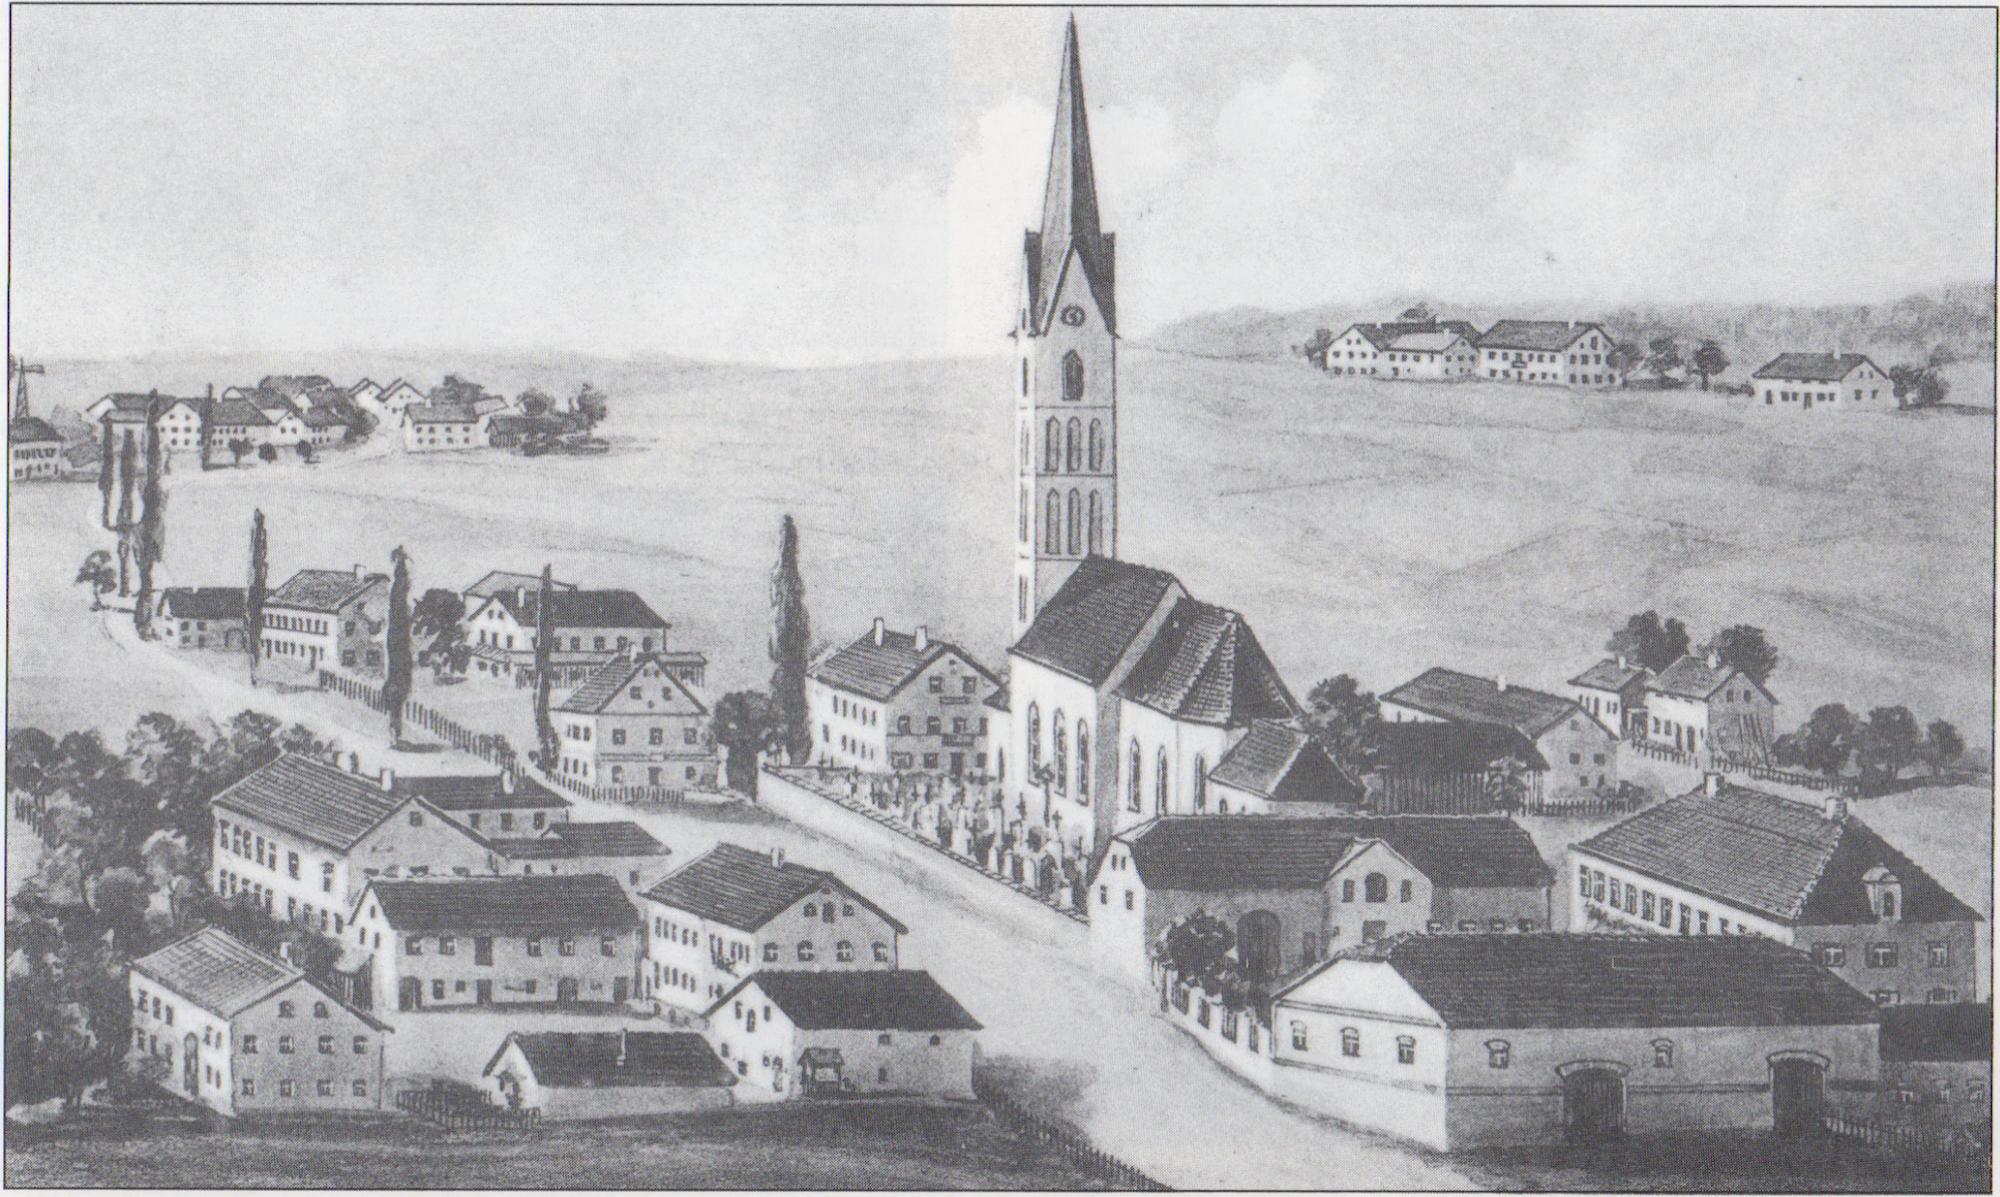 KSK Lohkirchen